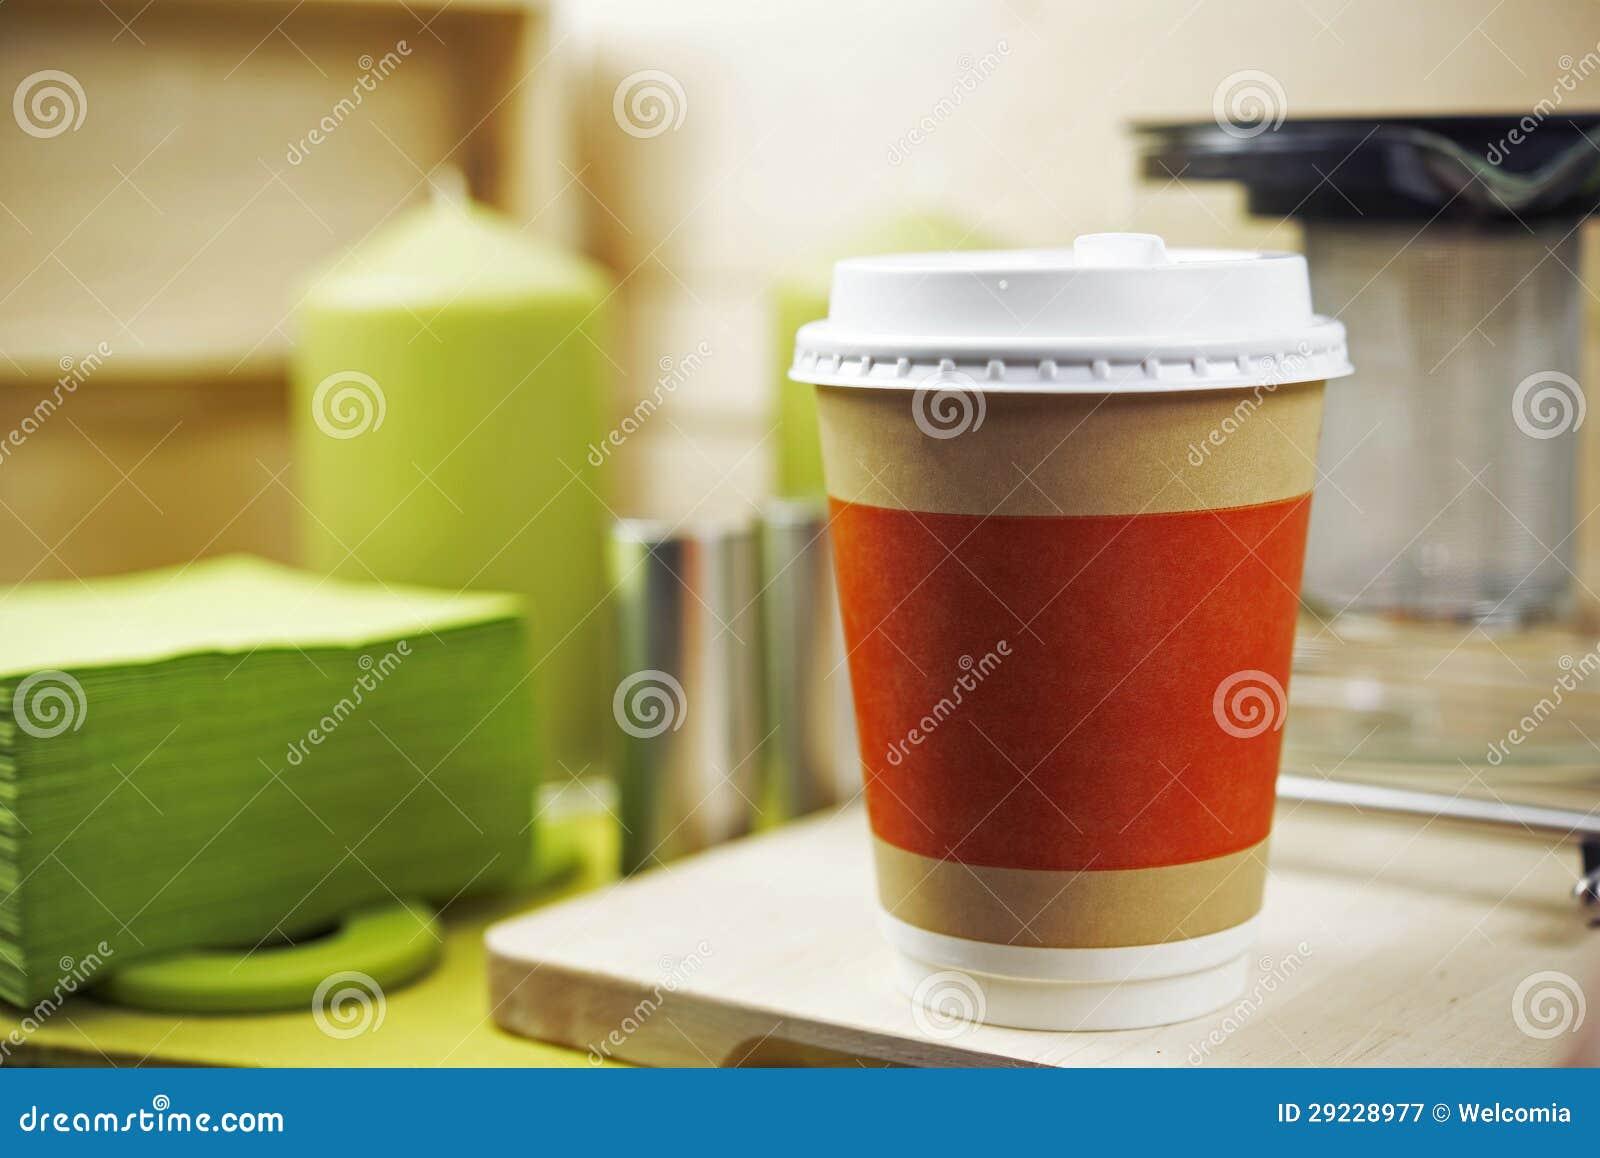 Download Copo de café plástico imagem de stock. Imagem de mobilidade - 29228977